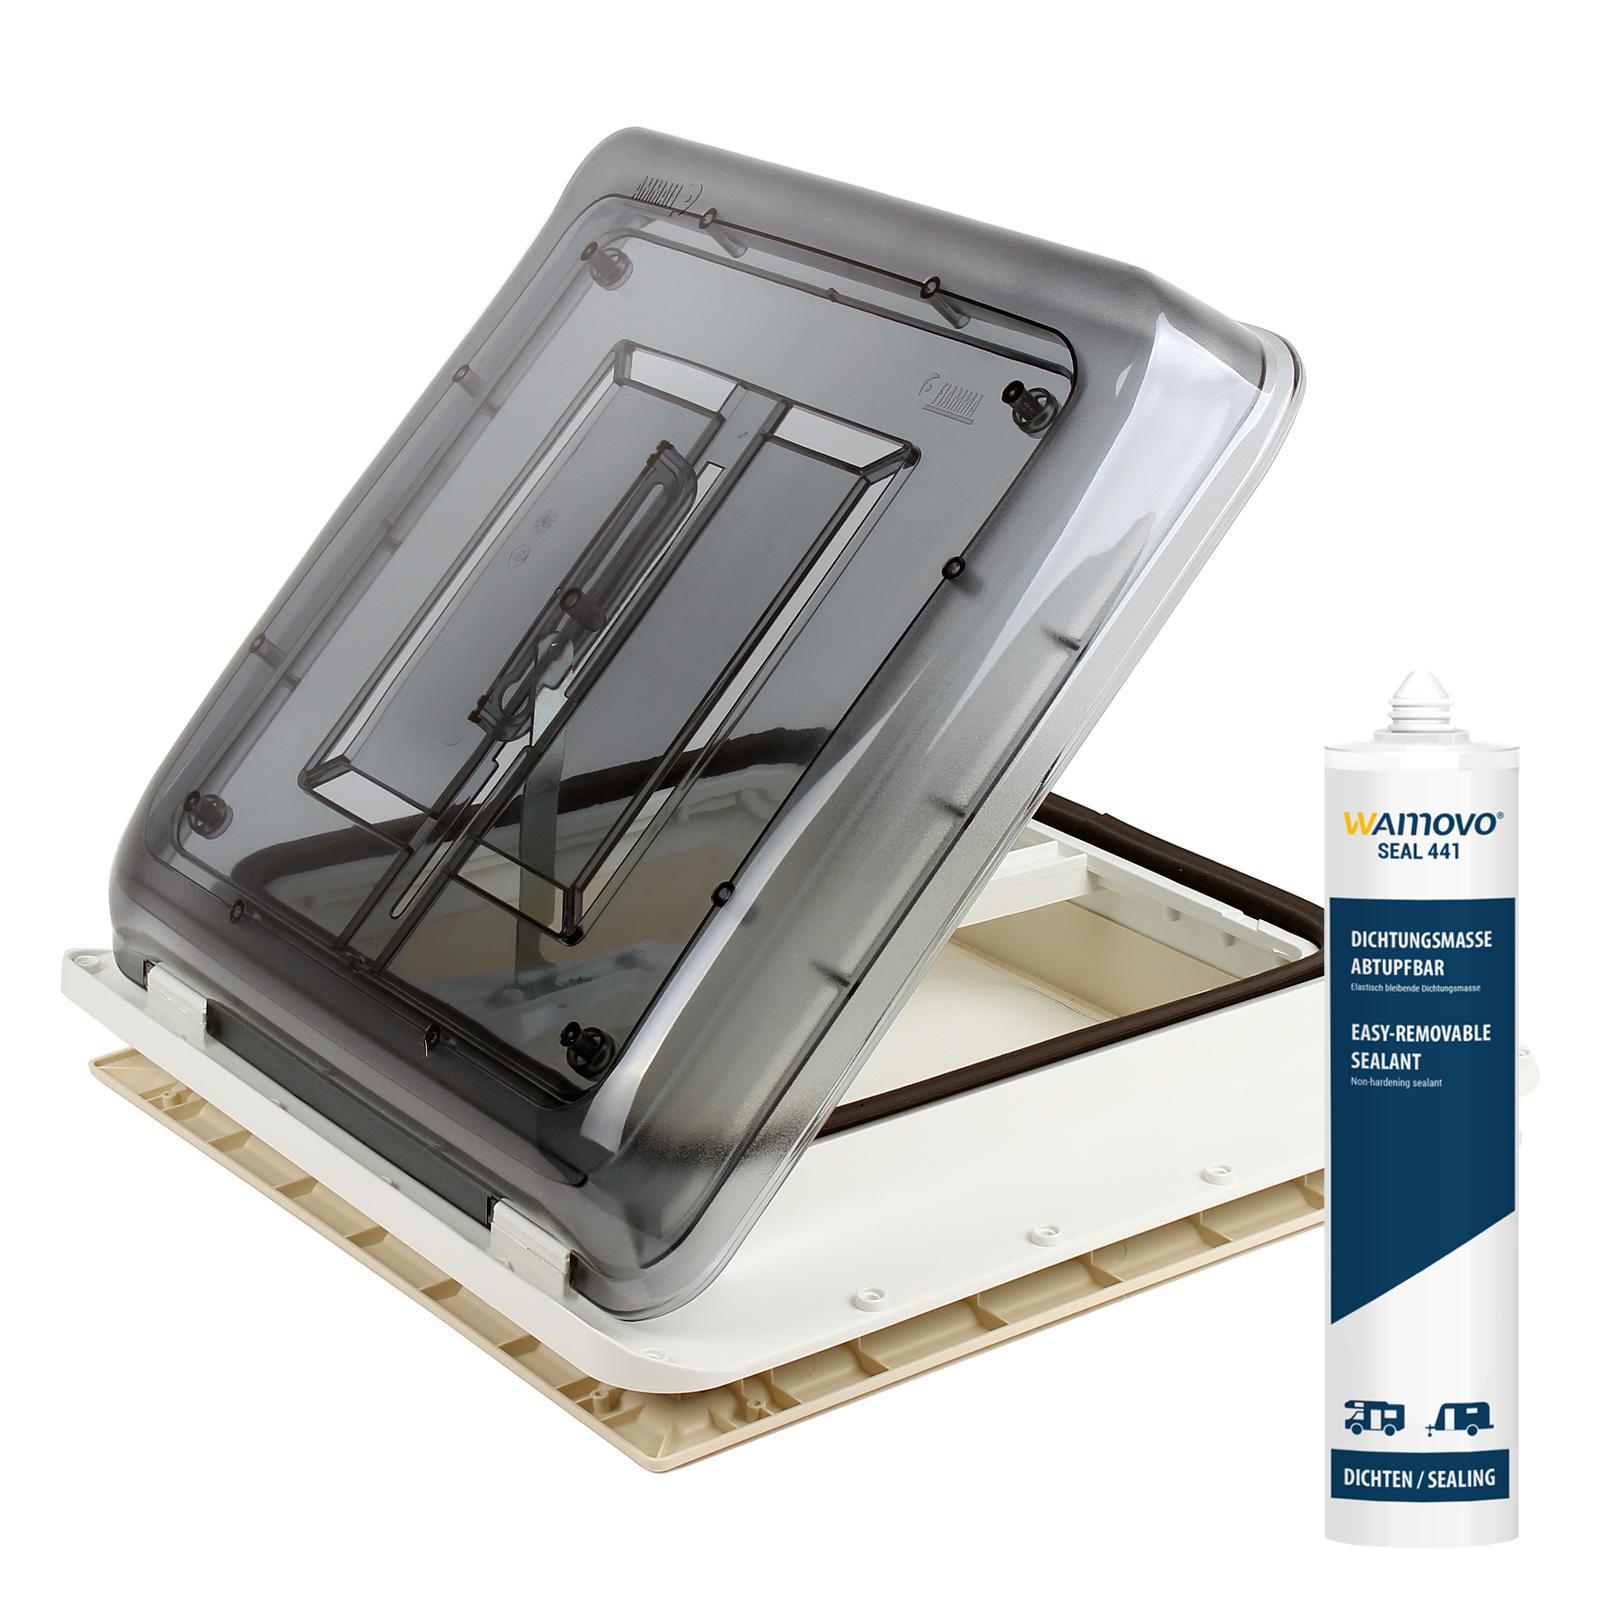 Dachfenster Fiamma Vent 40x40 cm Klar inkl Dekalin Dichmittel & Schrauben